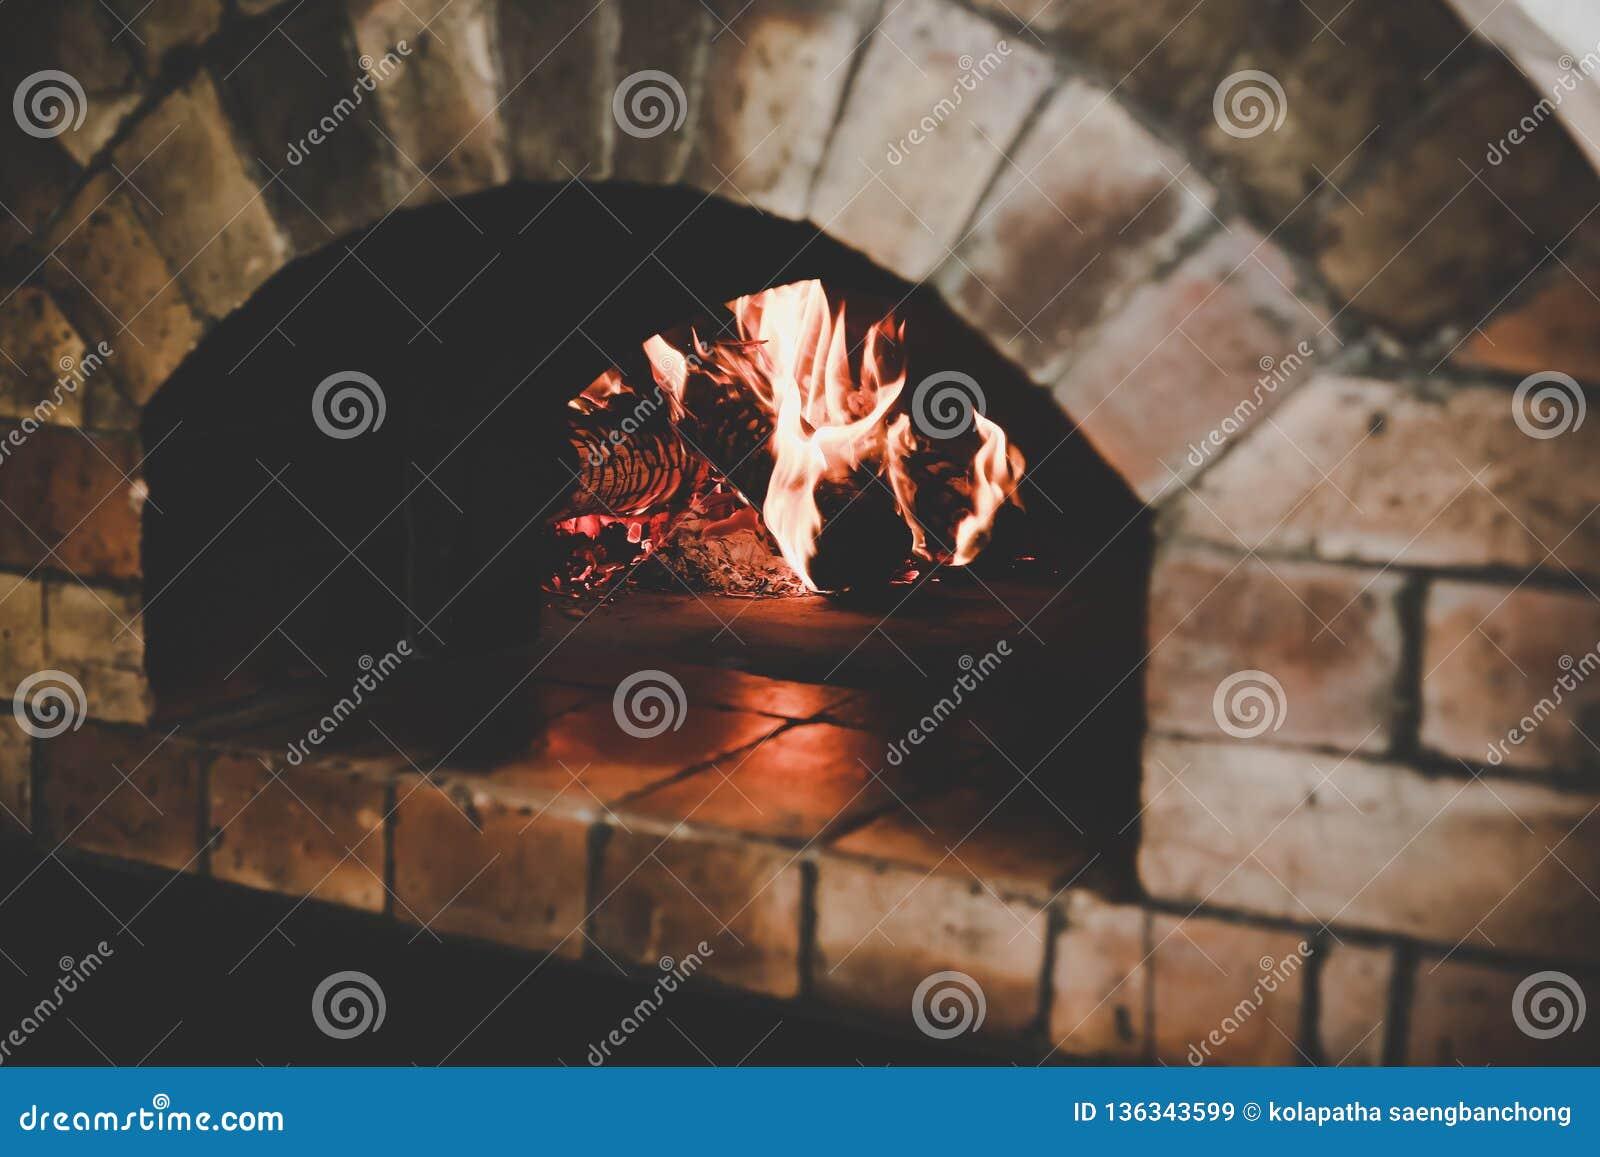 Rocznika tradycyjny piekarnik robi od brąz cegieł z płomieniem i łupką dla gotować yummy chleb lub piec pizzę lub gdy